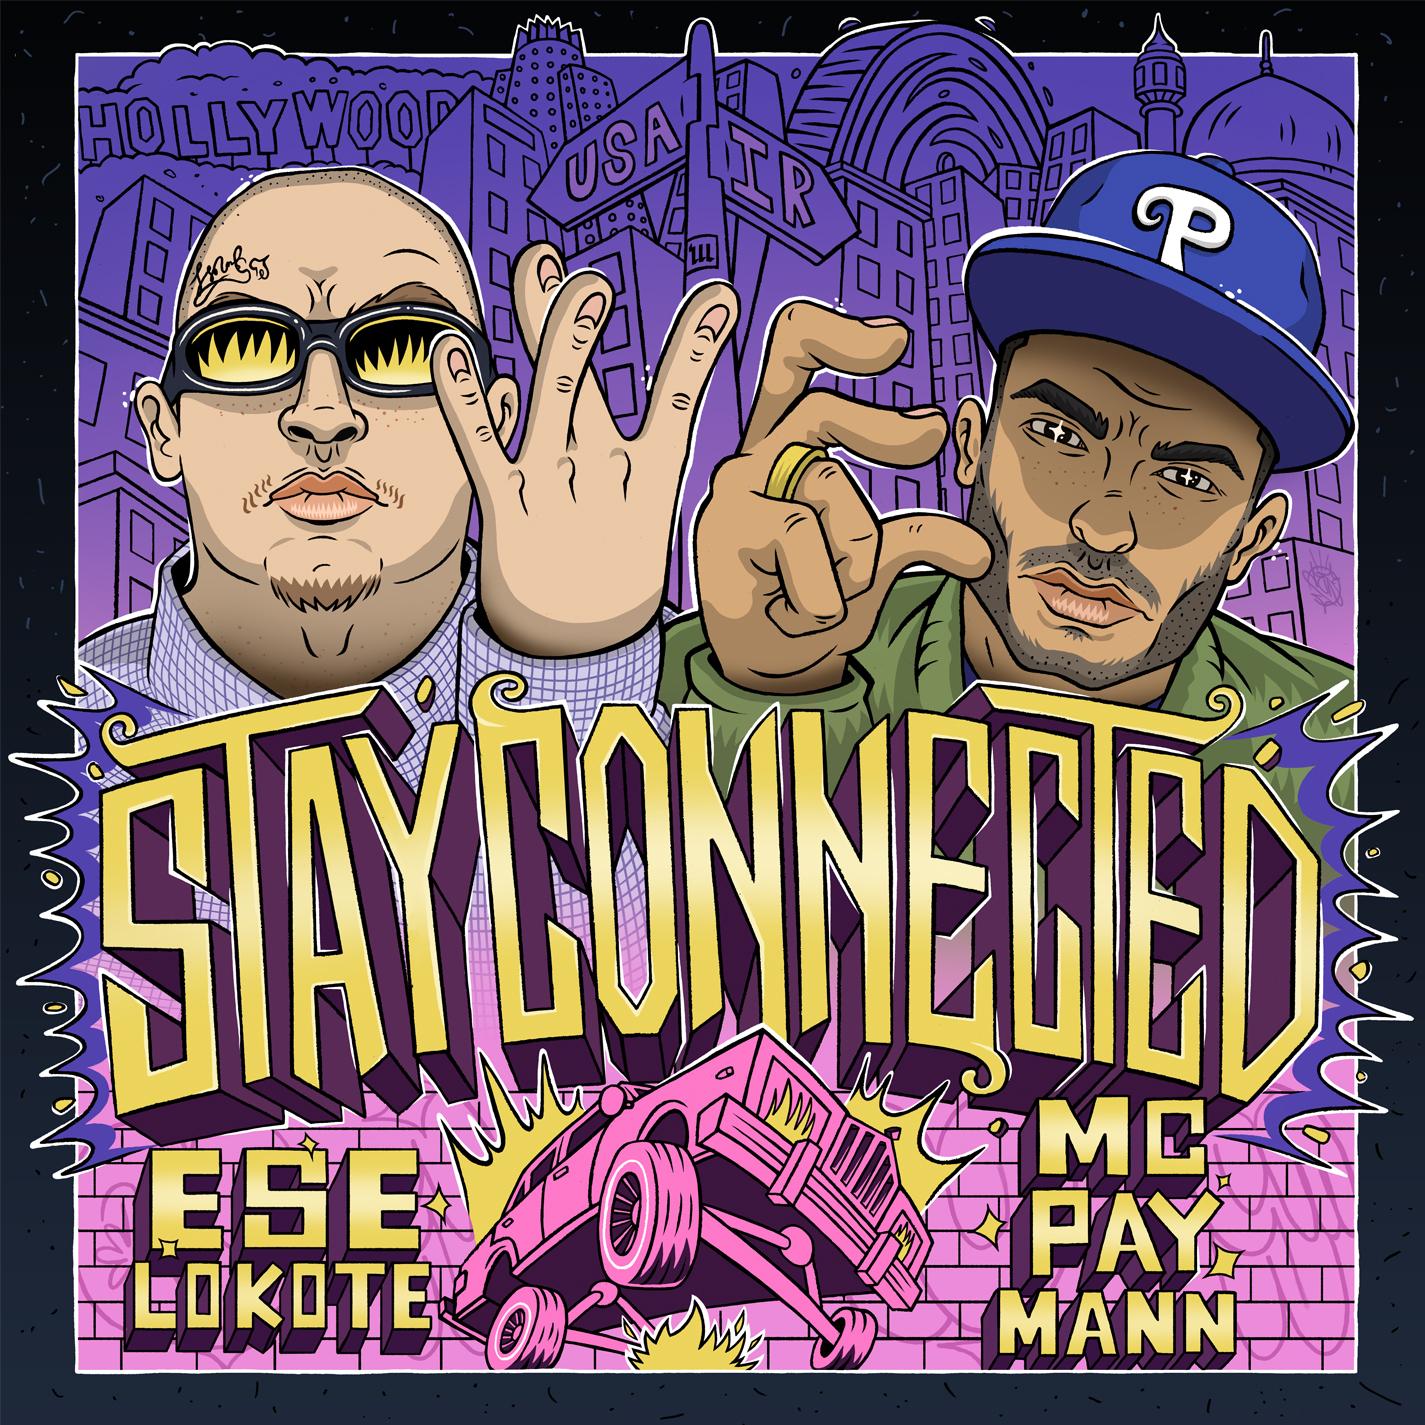 دانلود موزیک جدید و بسیار زیبای Mc Pay Mann و Ese Lokote به نام Stay Connected